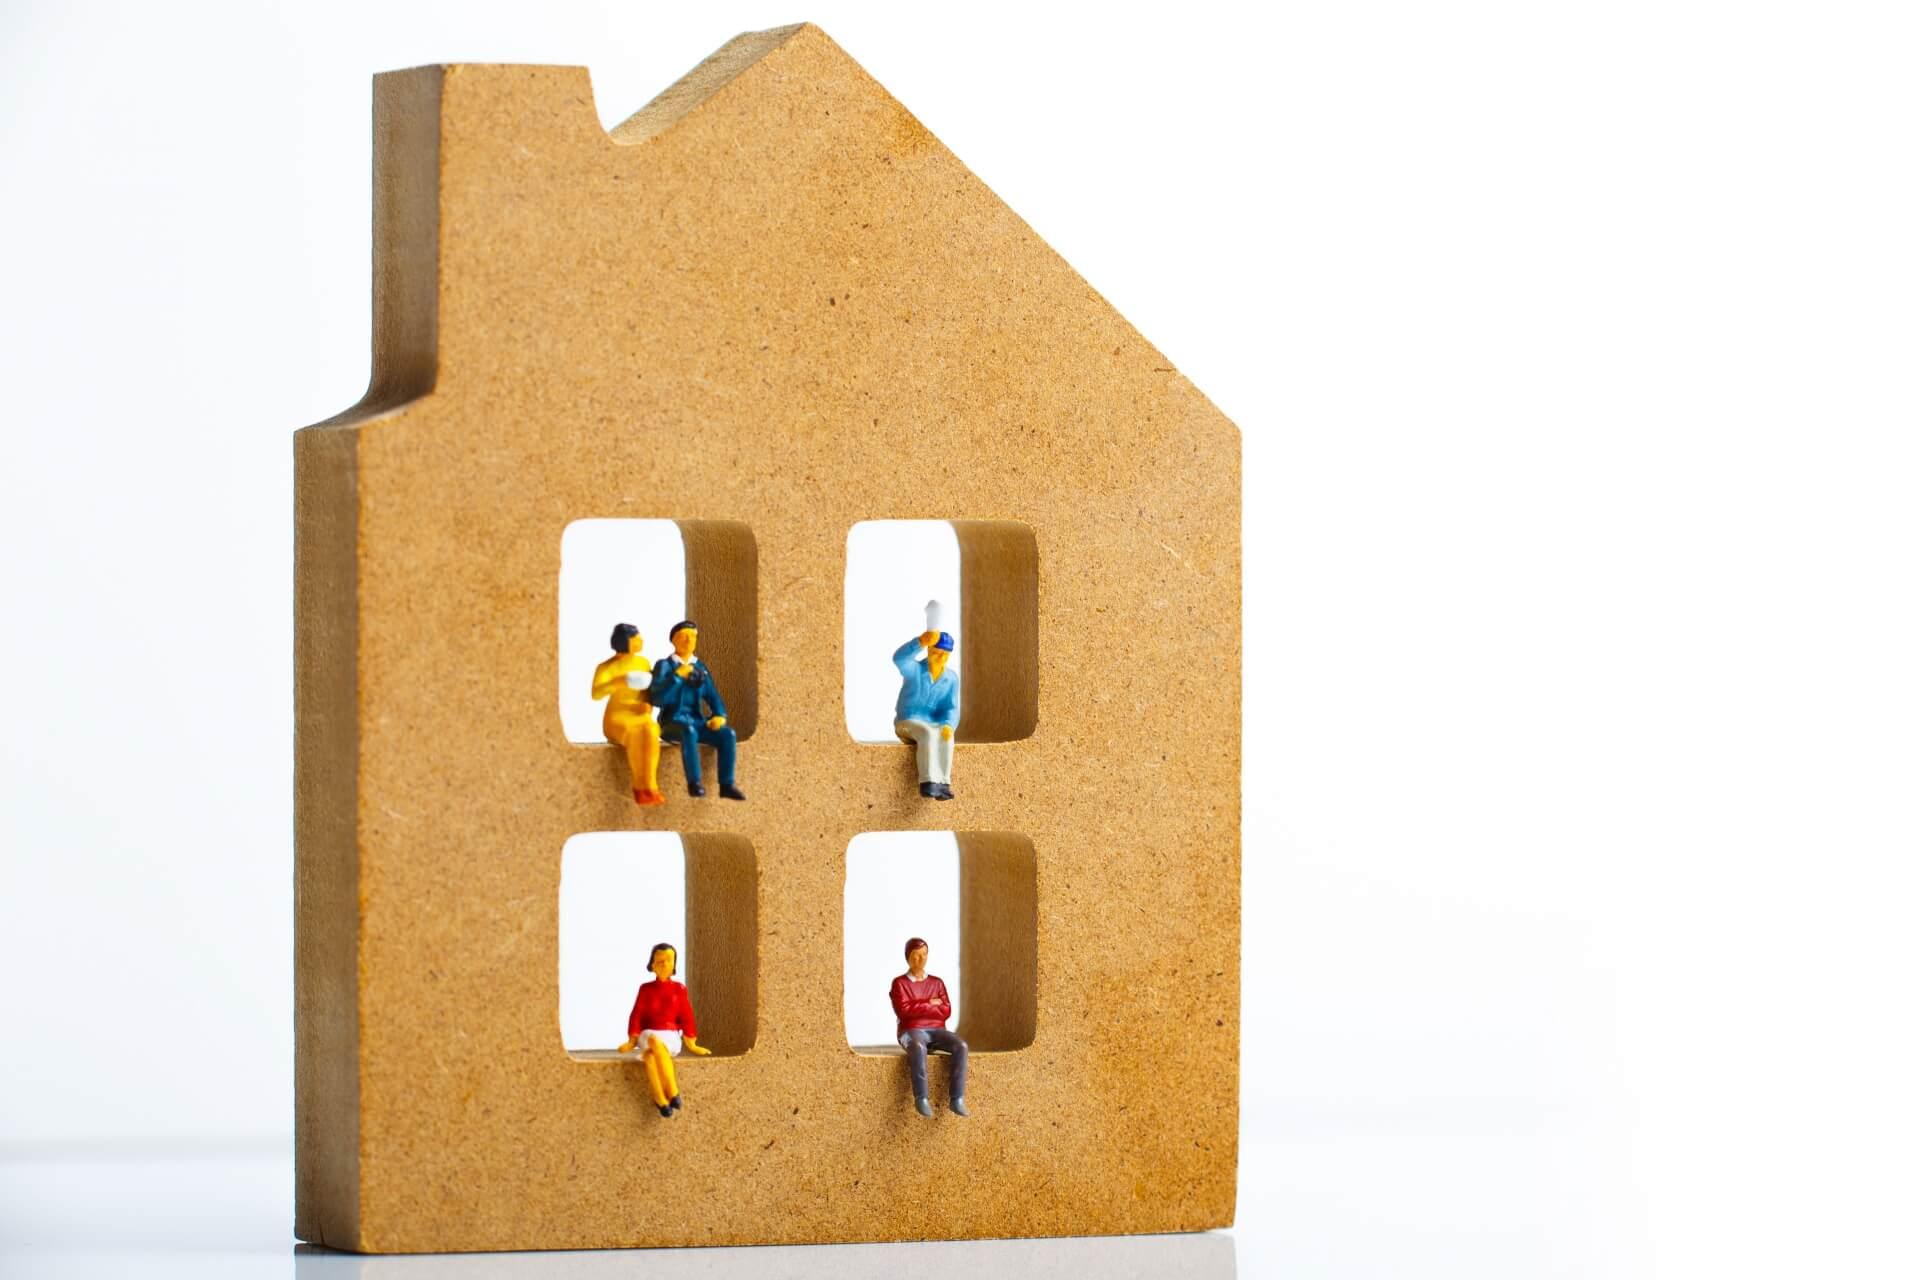 農地に住宅を建てる場合の注意点